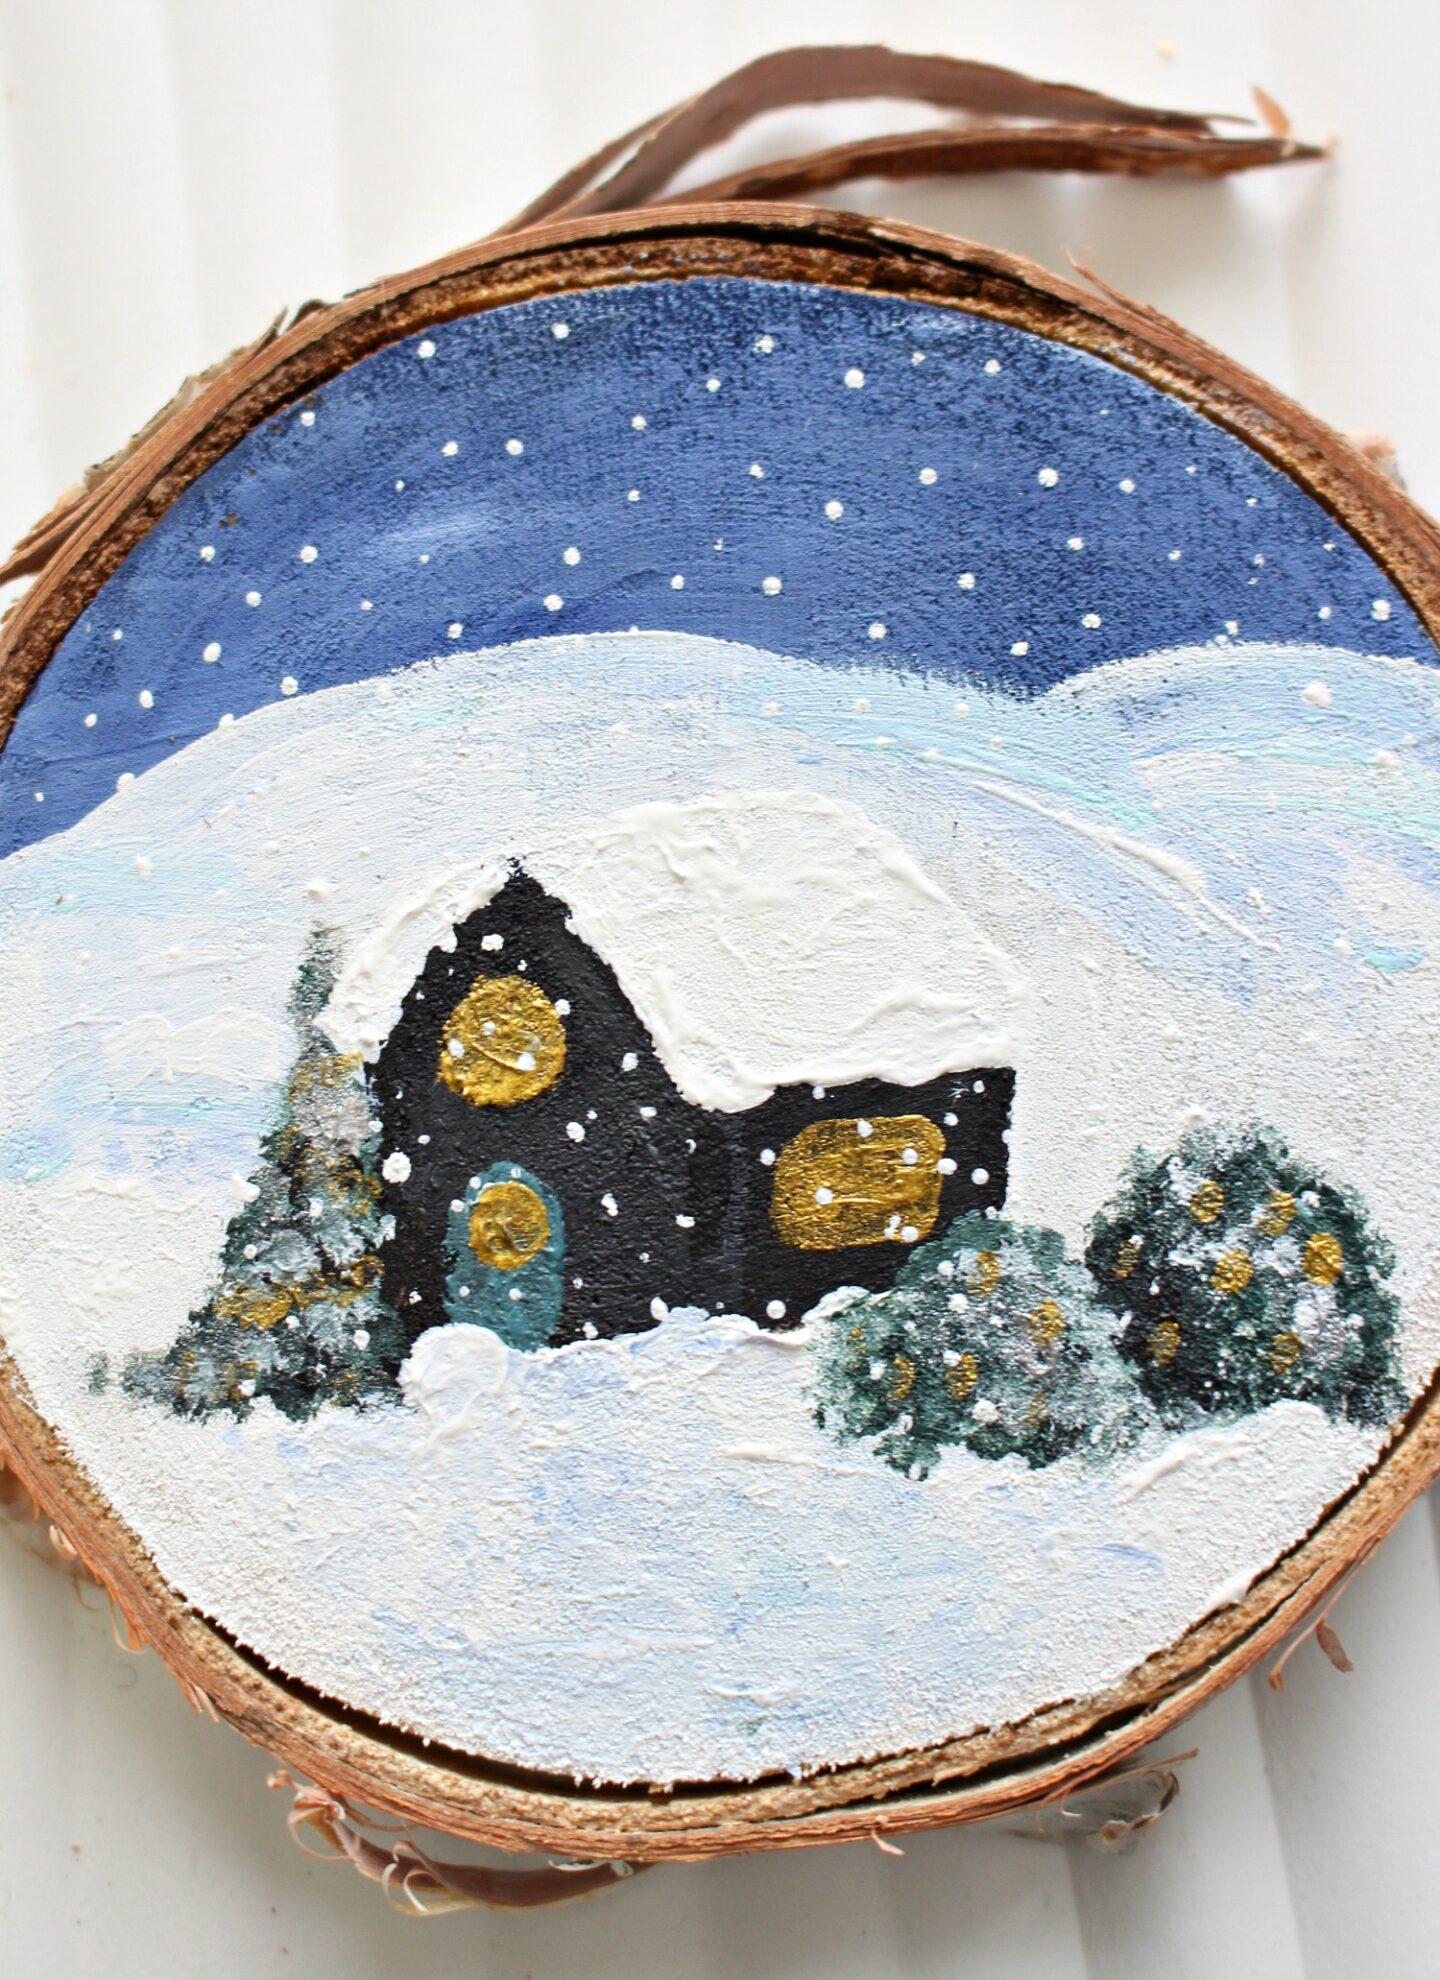 Décoration d'arbre de Noël inspirée de la cabine